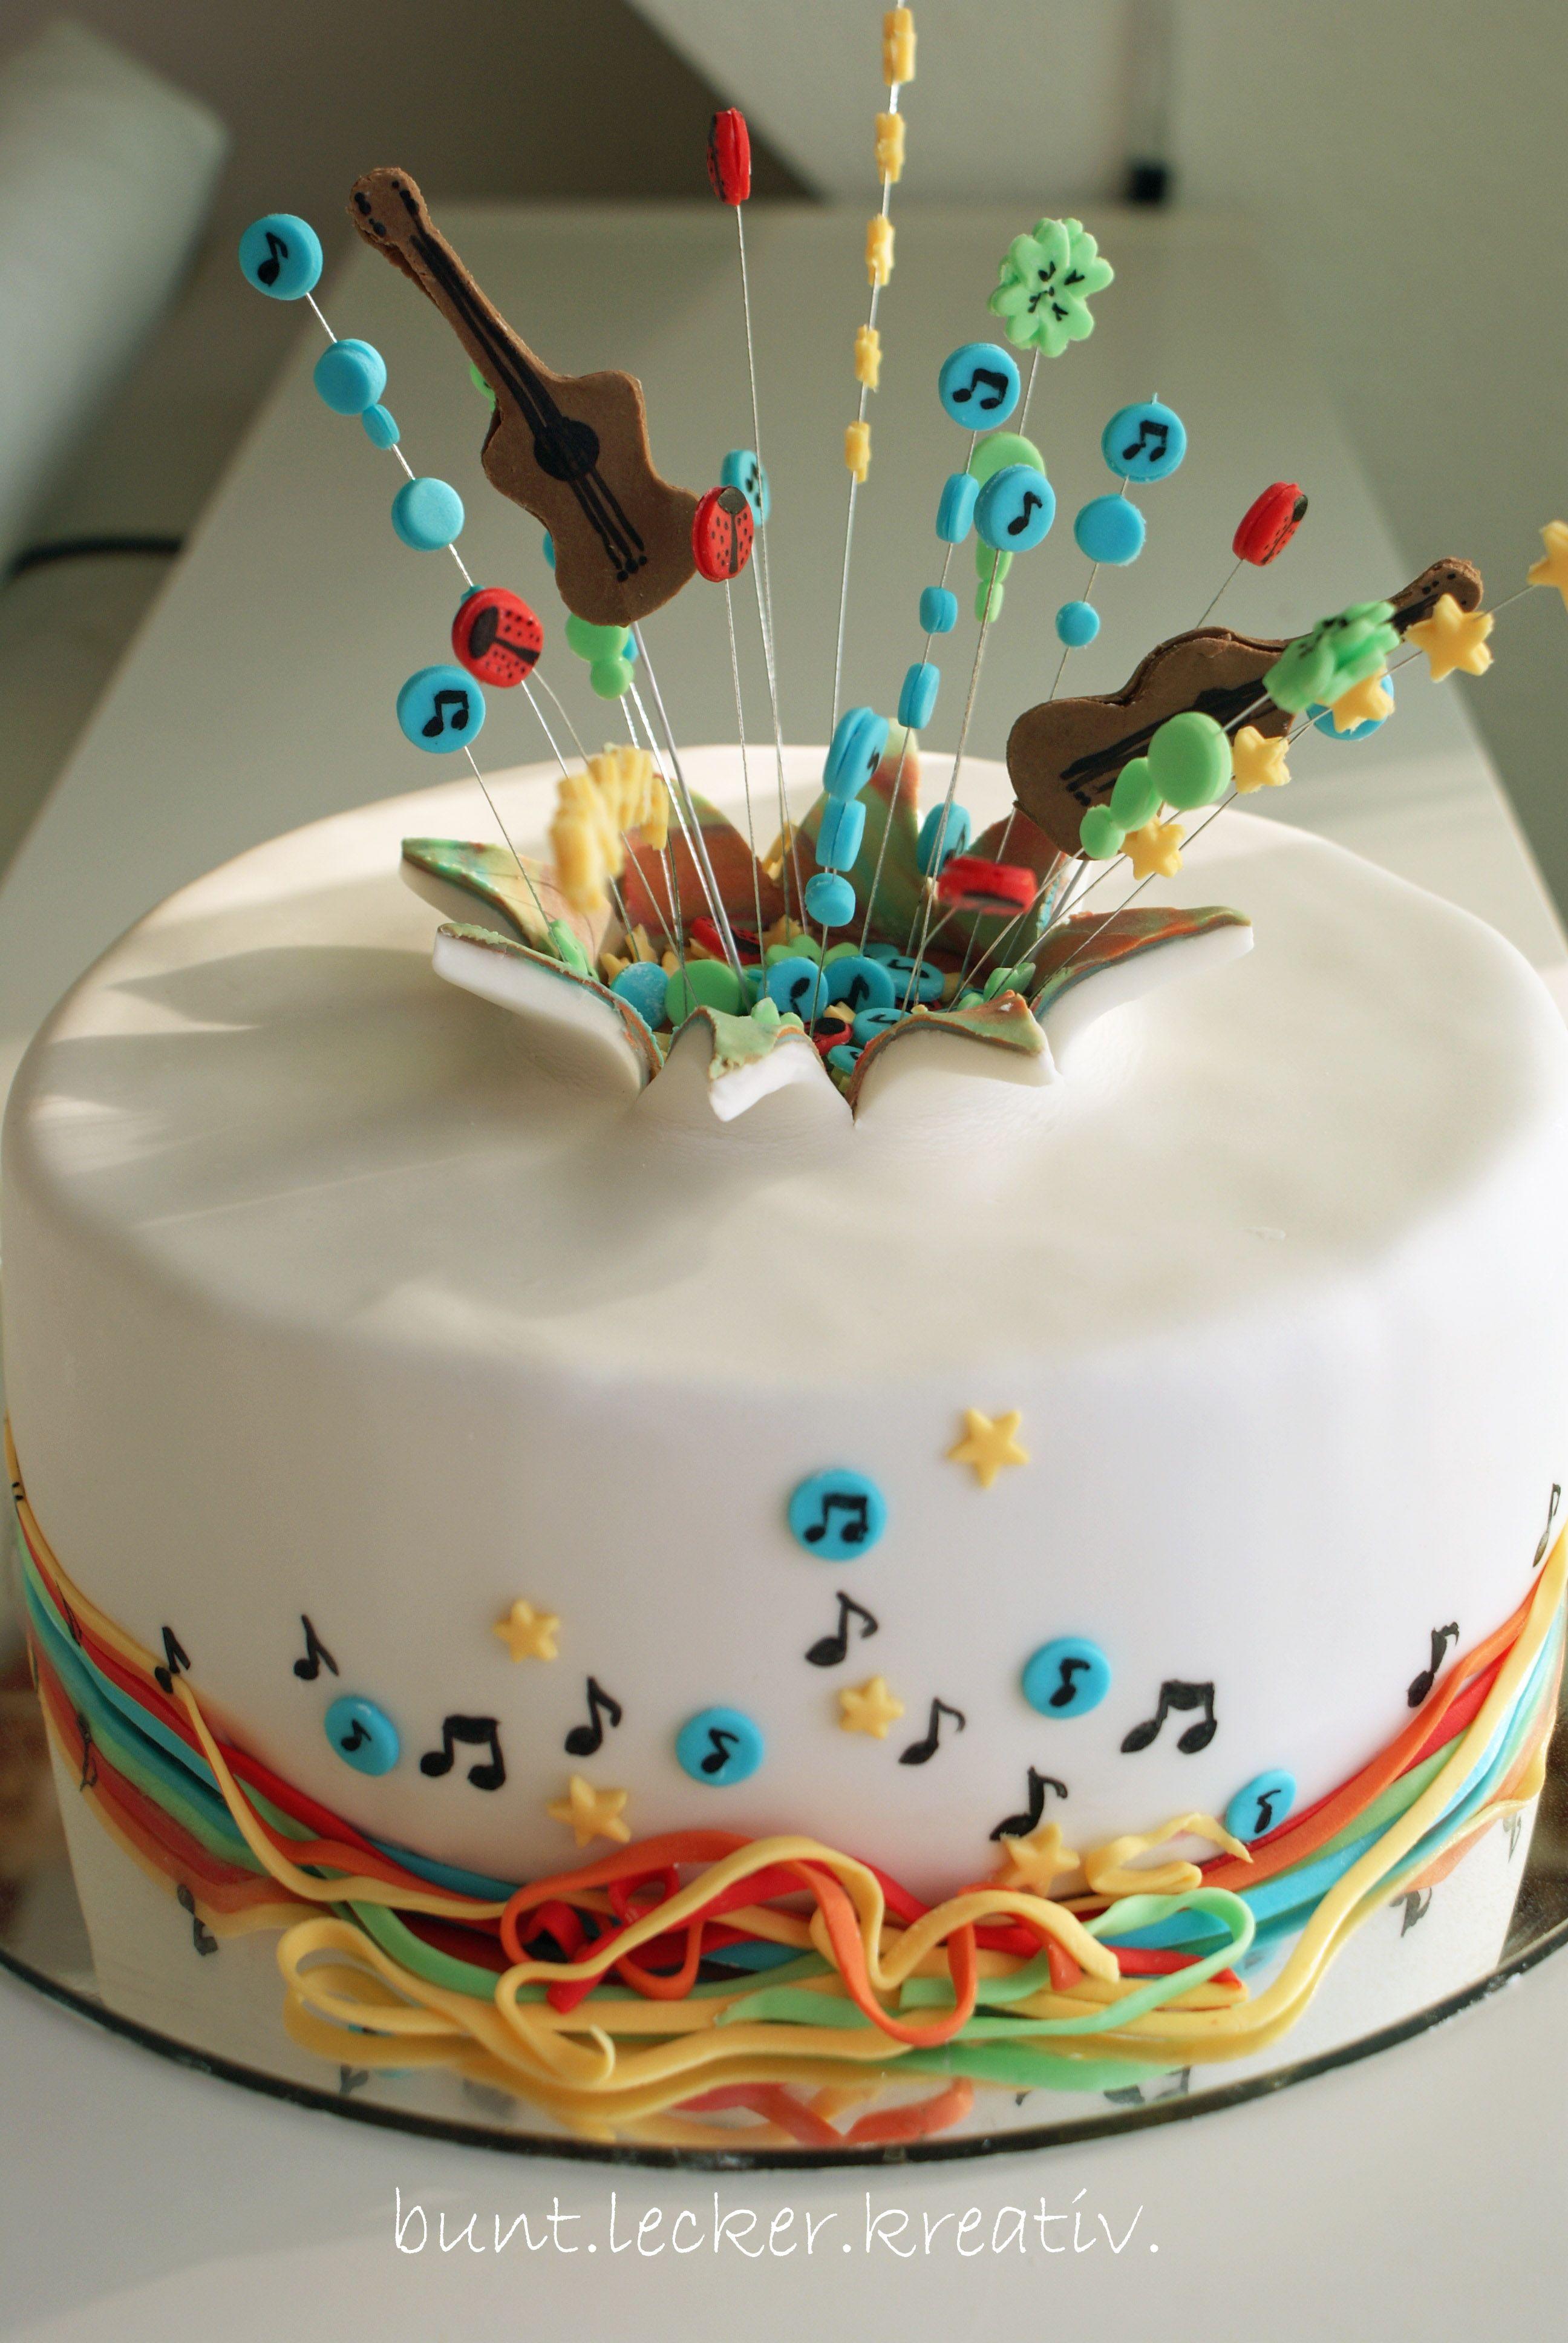 Torte Zur Jugendweihe Geburtstag Mit Explosion Birthday Cake With Explosion Musik Kuchen Geburtstagstorte Torte Einschulung